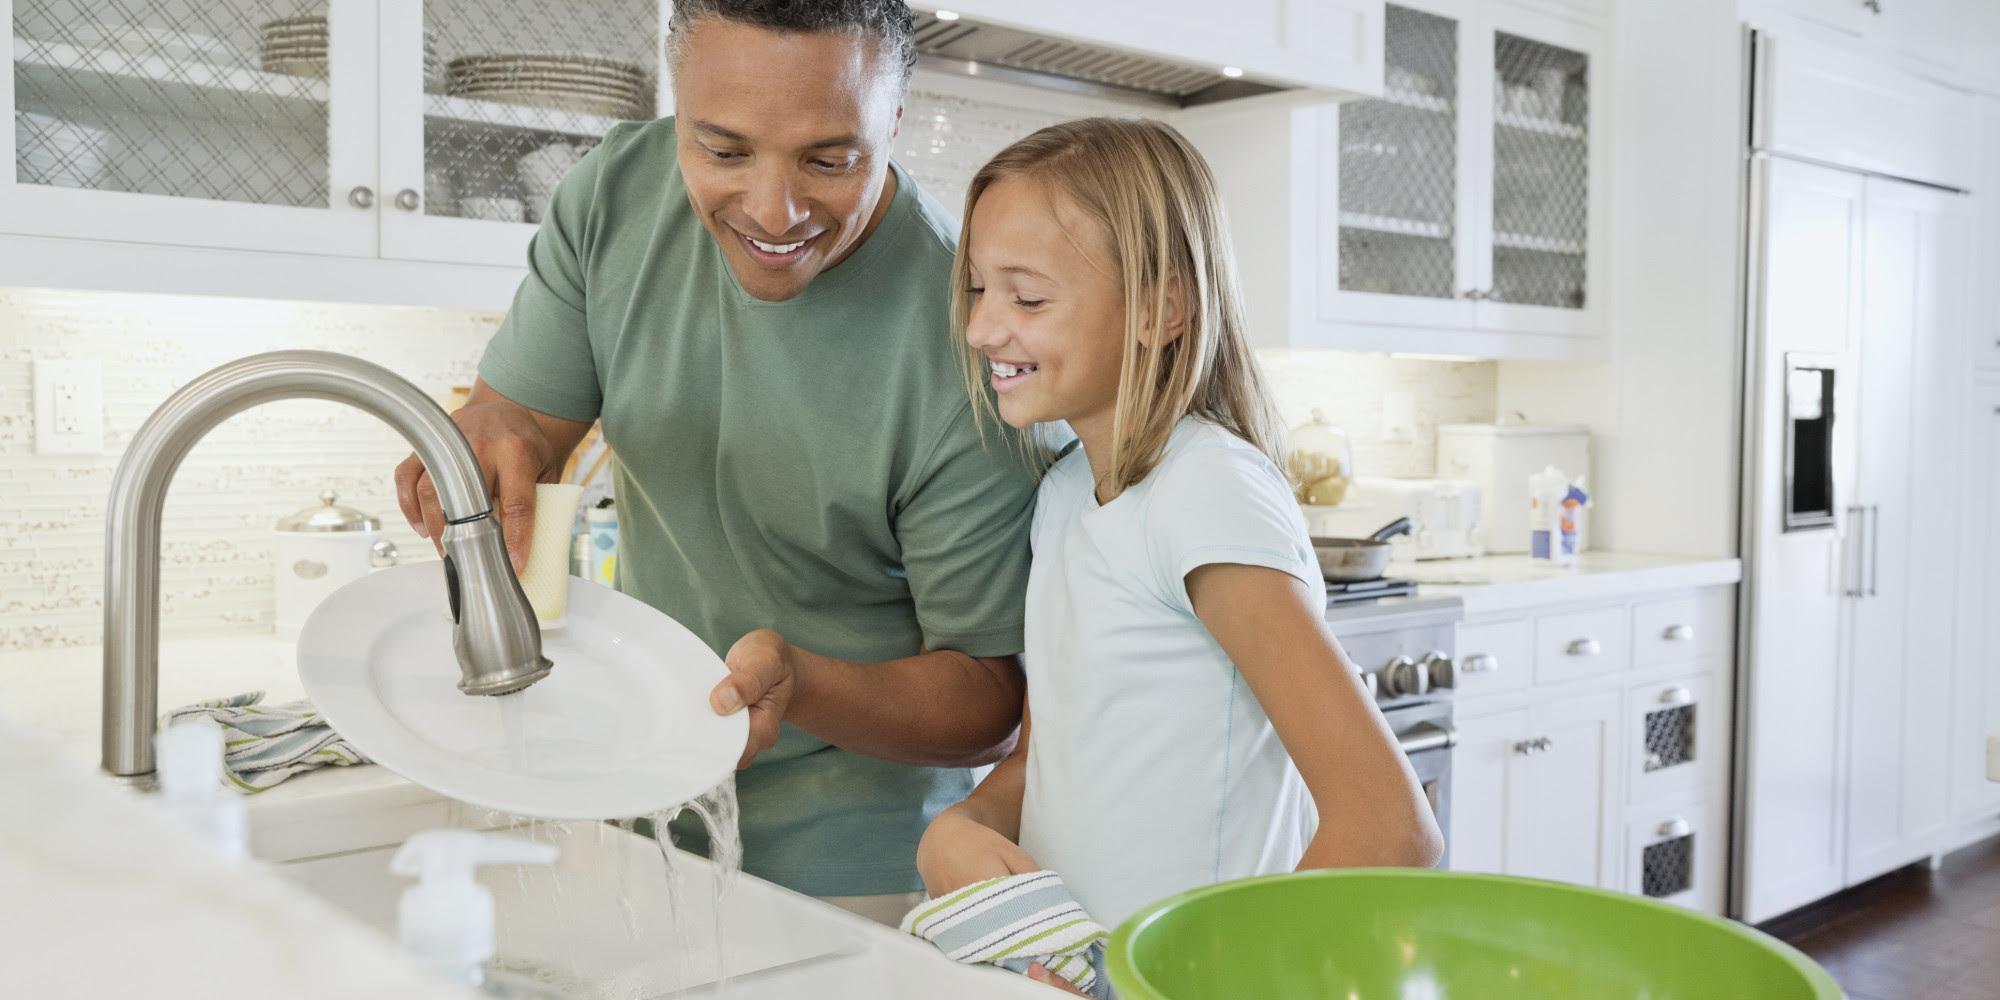 Joseph Cianciotto Blogs Fun Memorable Father Daughter Bonding Ideas